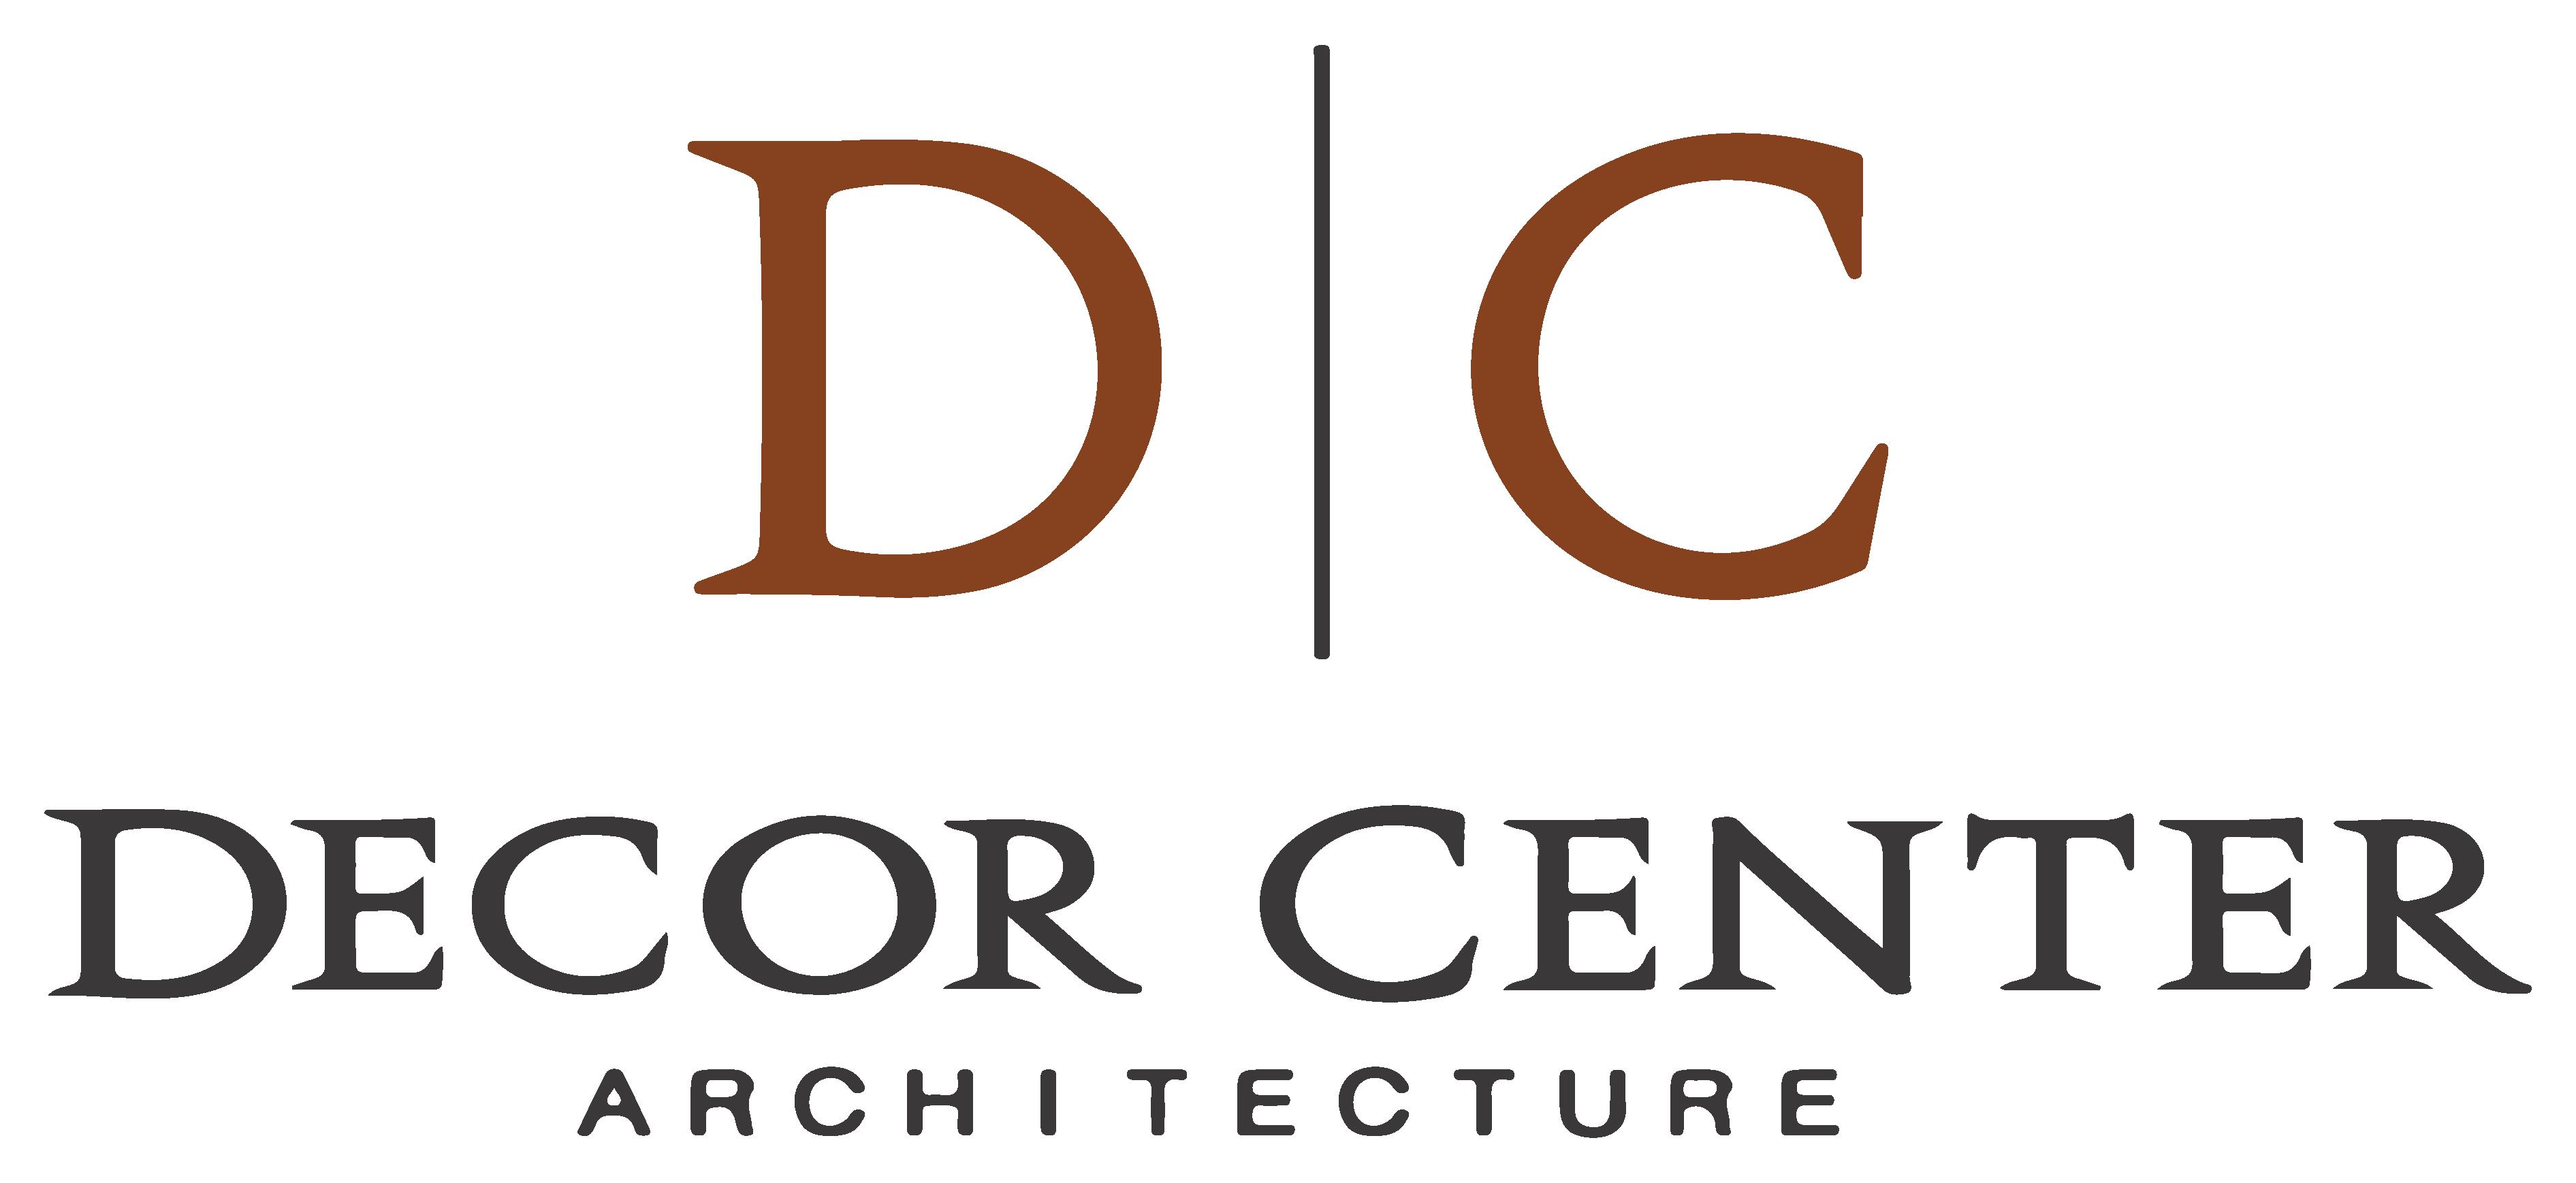 Decoor Center